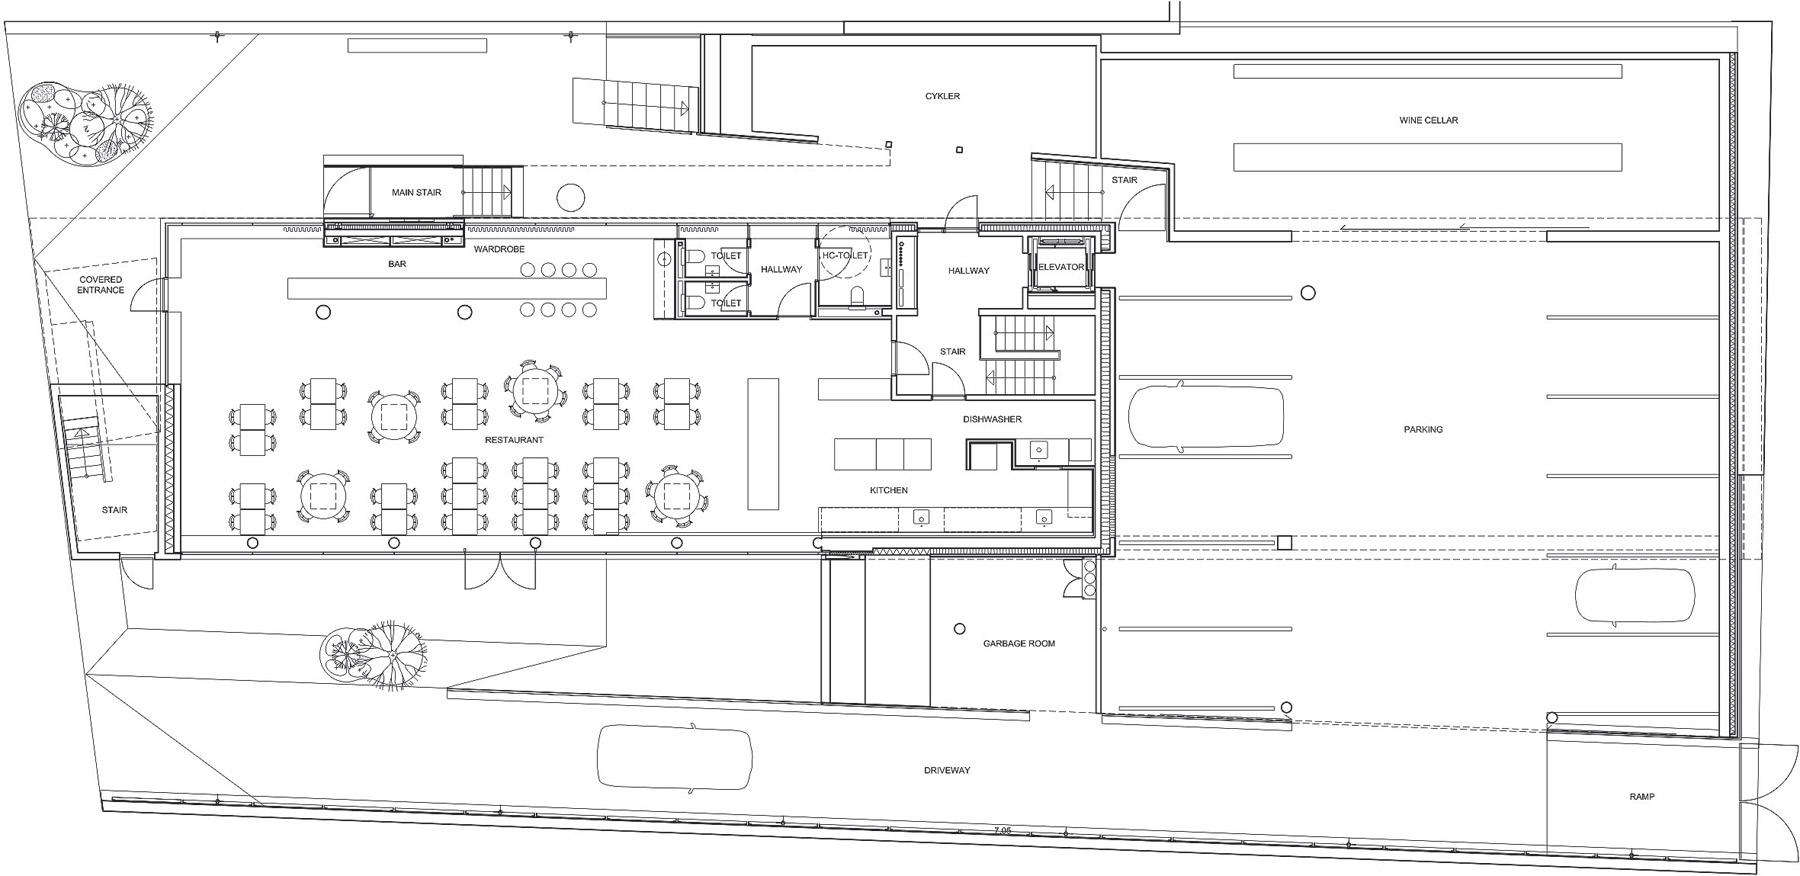 03 SG11 Ground Floor Plan